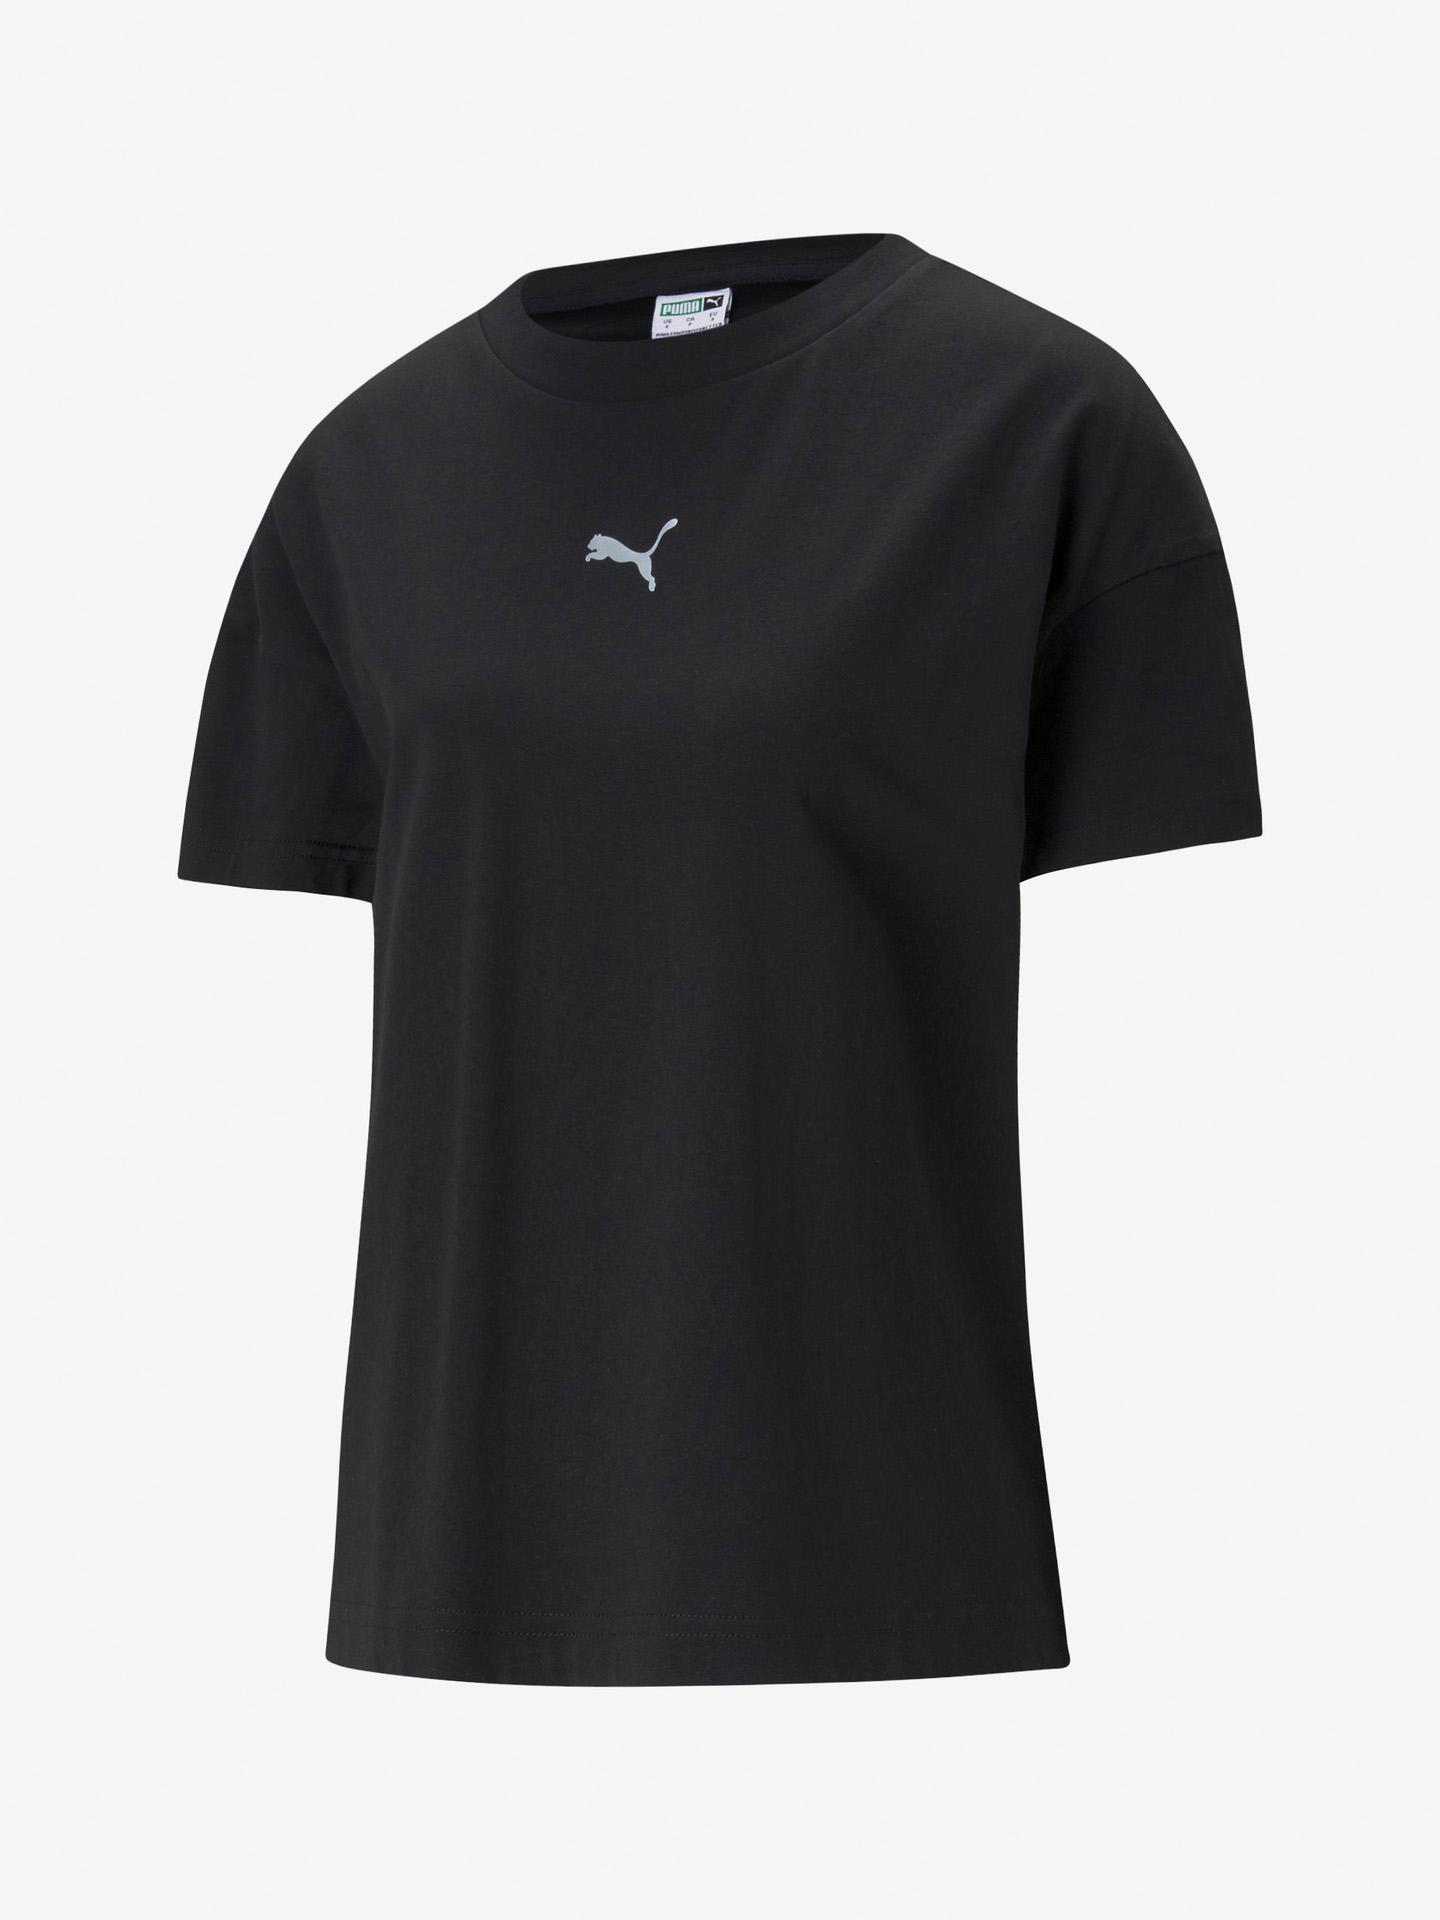 Puma Evide Graphic T-shirt Black